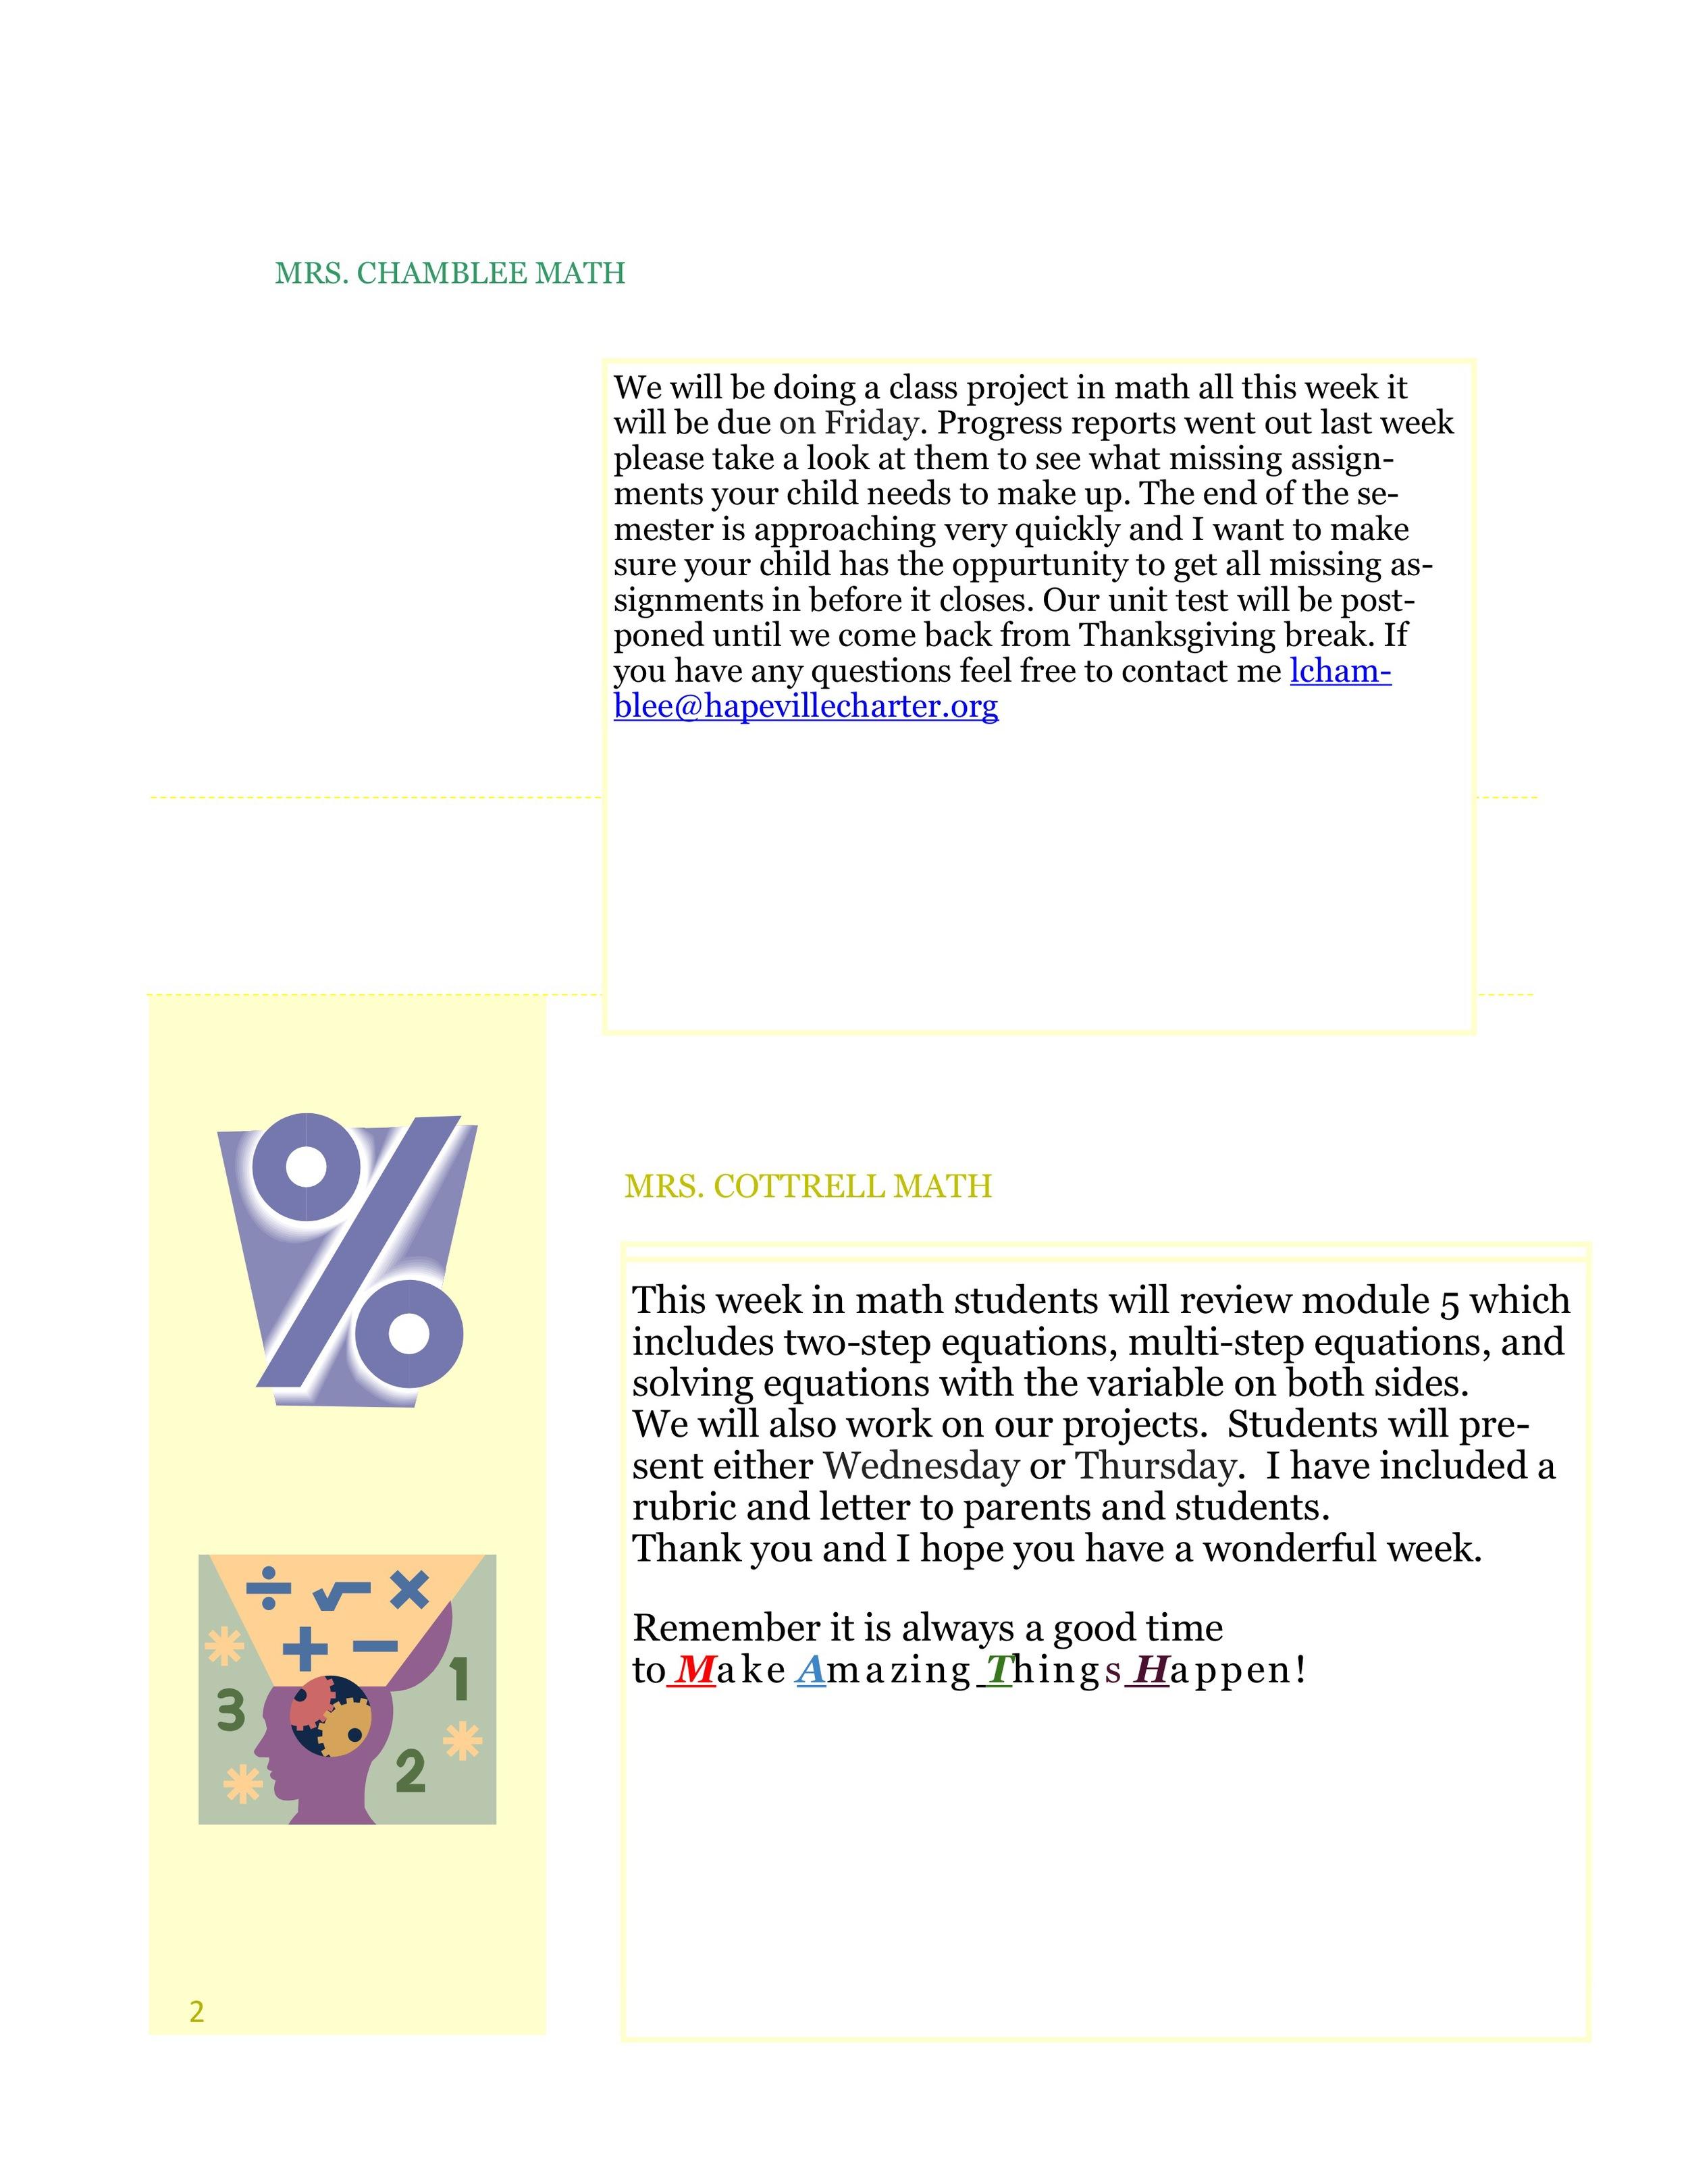 Newsletter ImageNovember 17-22 2.jpeg